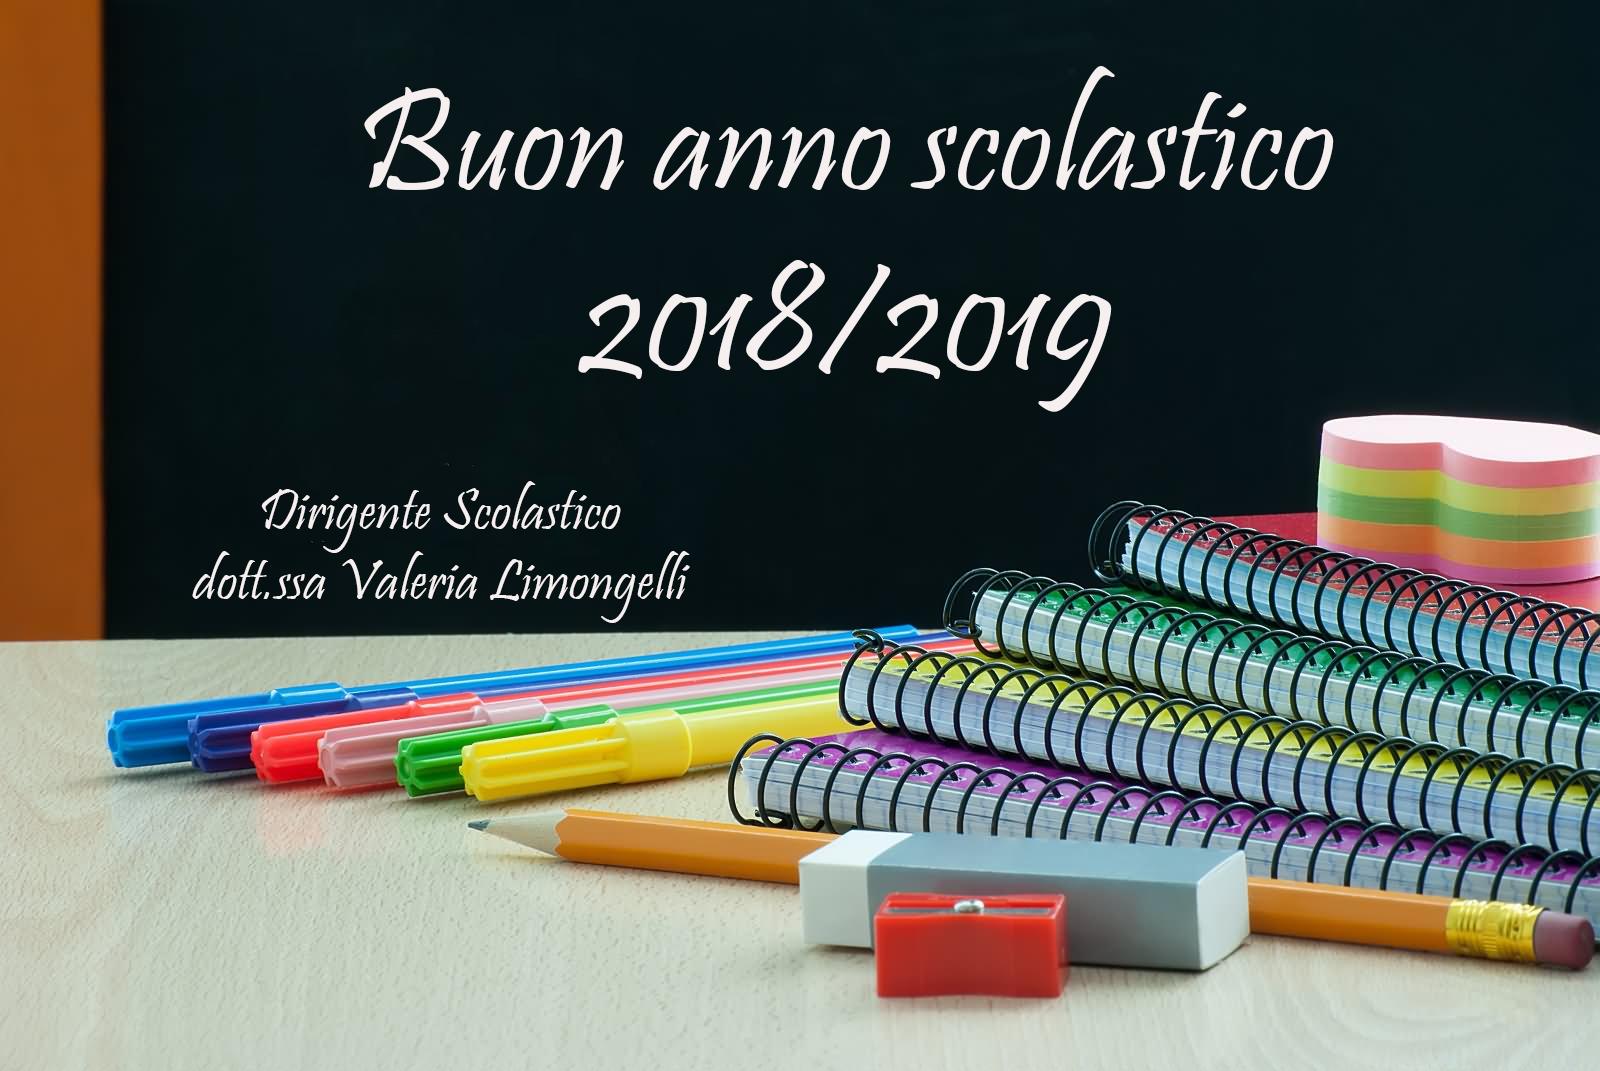 Augurio di buon anno scolastico del Dirigente Scolastico al personale, agli alunni e alle famiglie